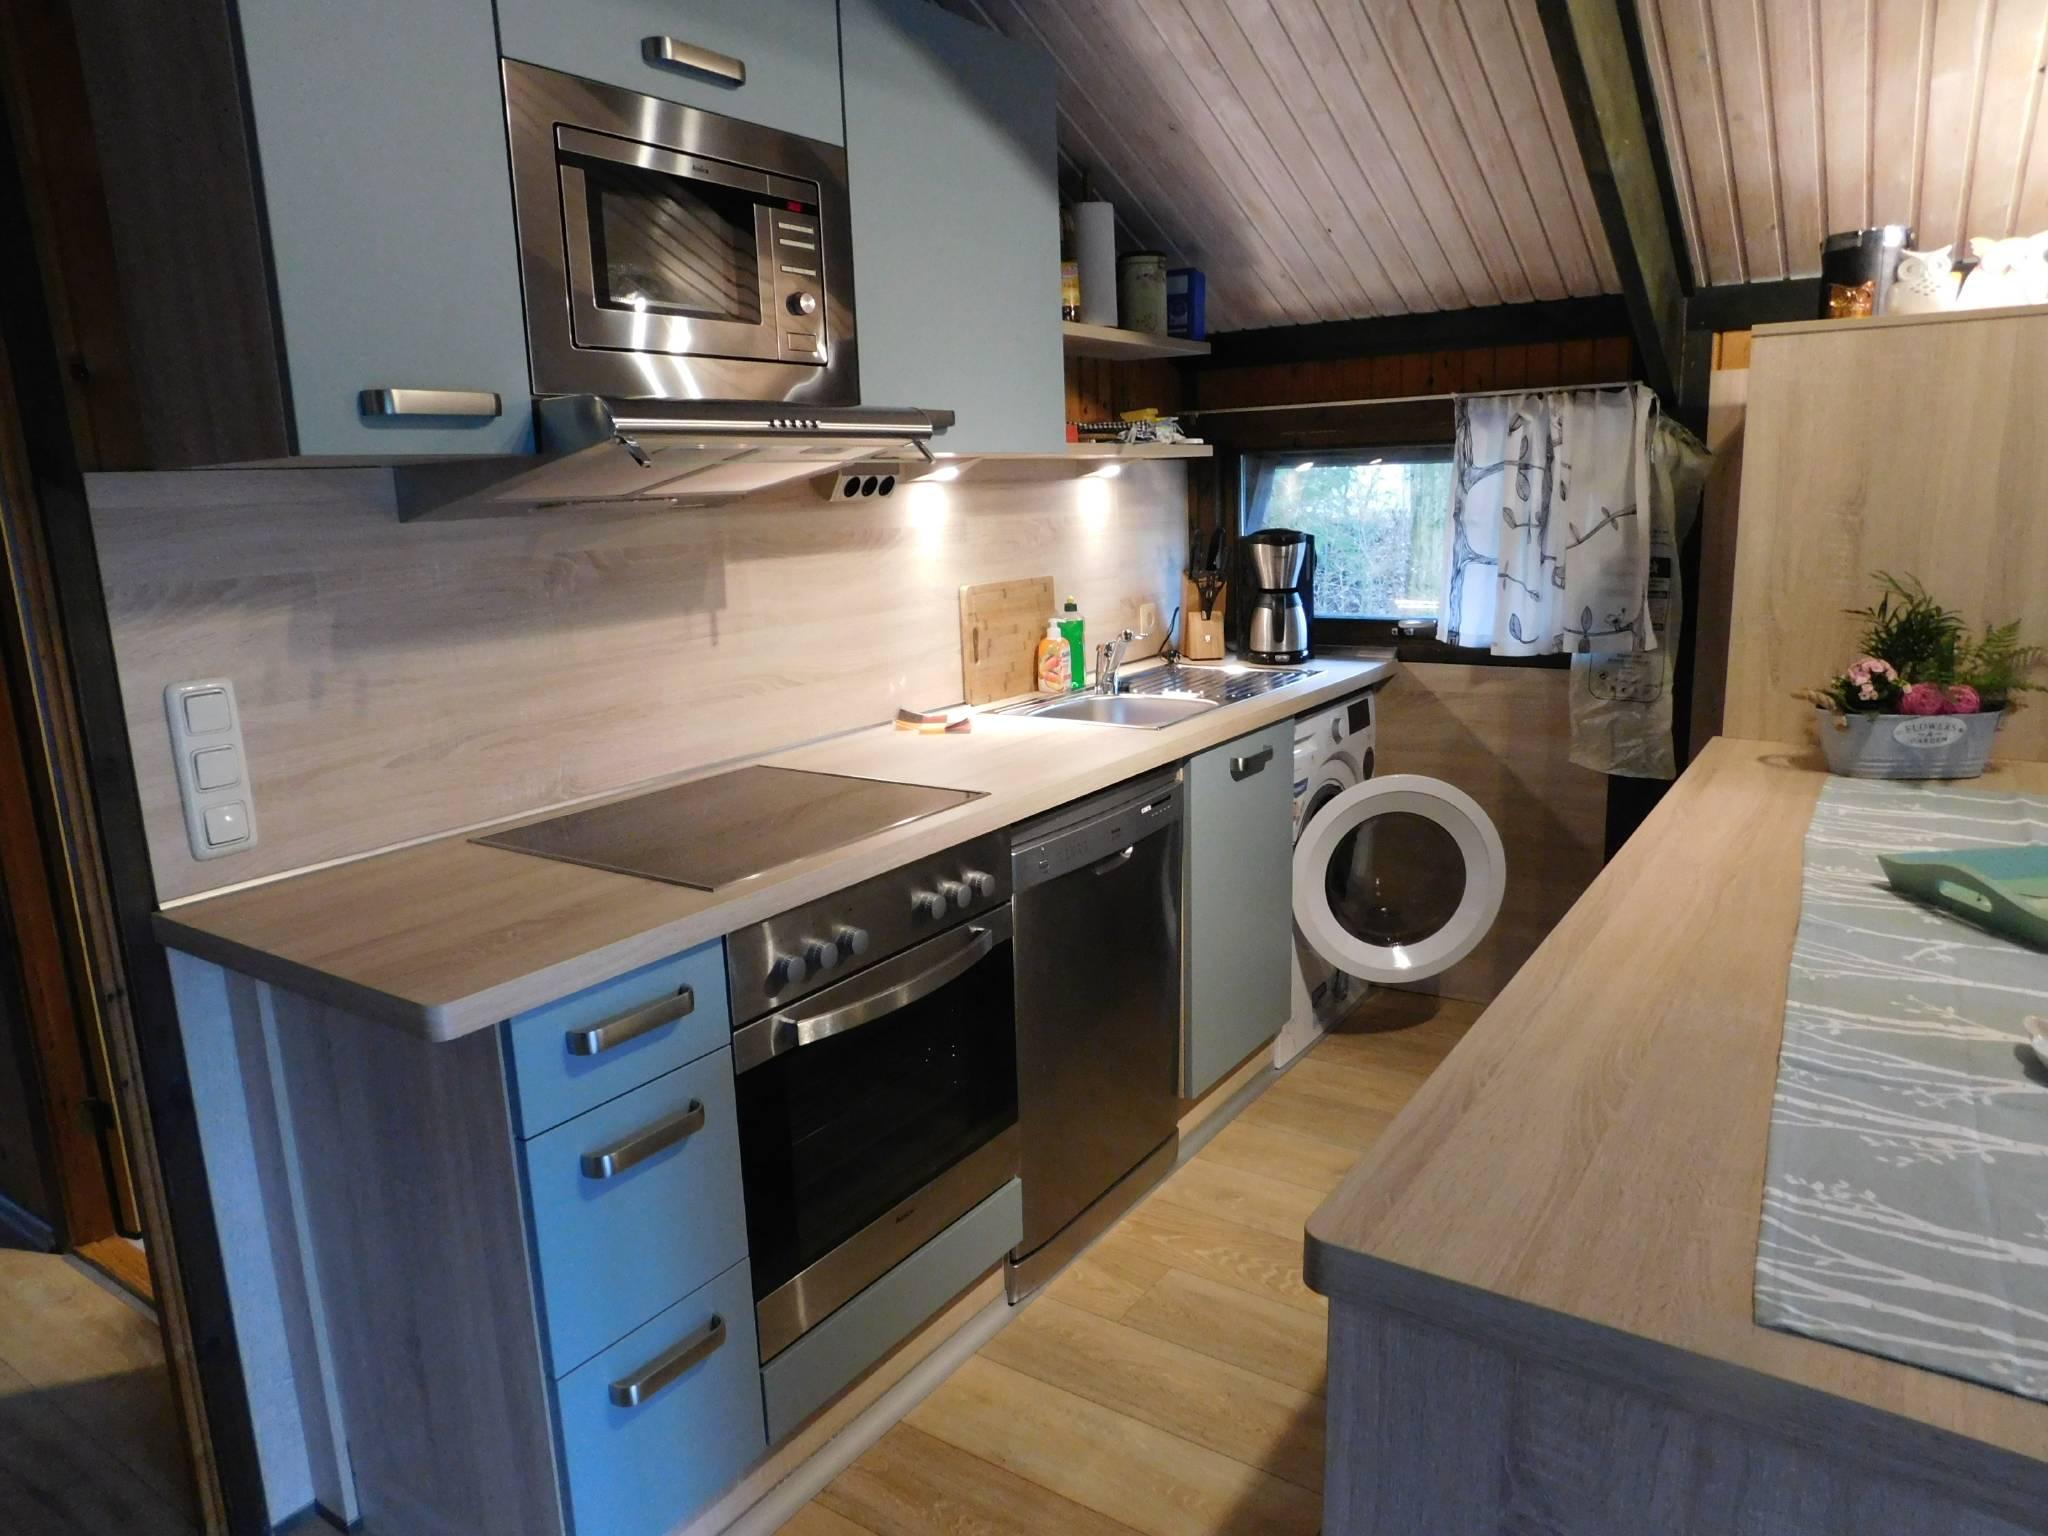 Ansicht der offenen Küche